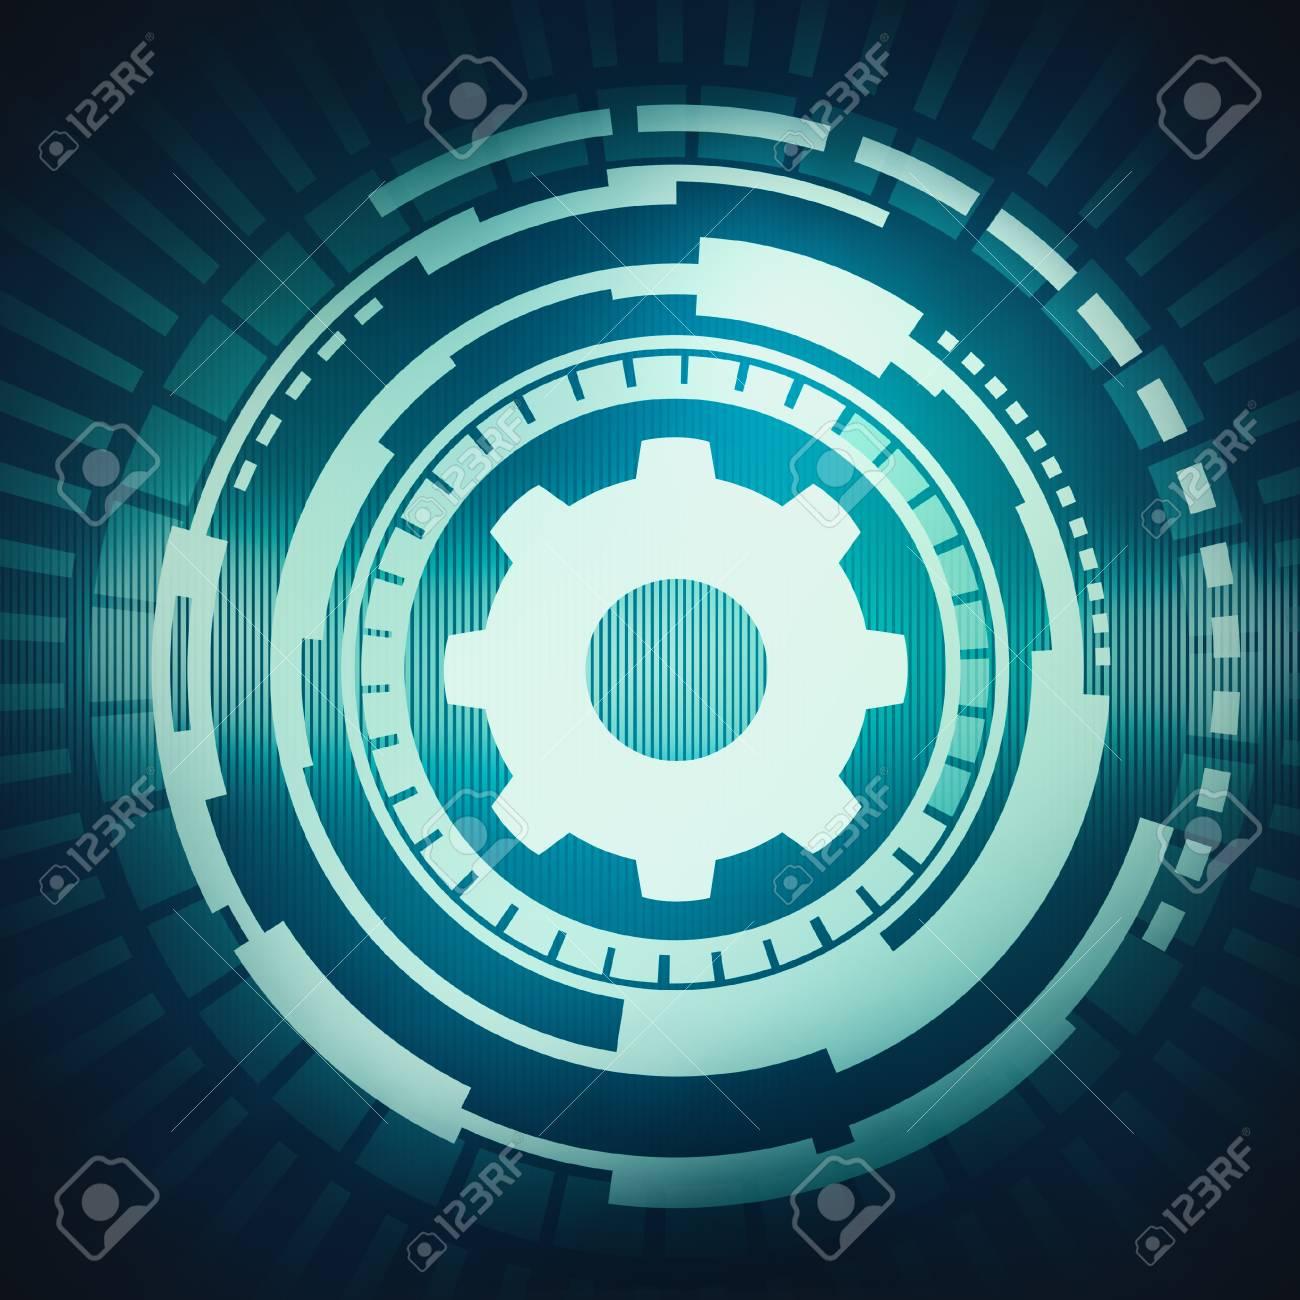 抽象的なデジタル概念タッチ画面円インターフェイス回路テクノ背景に